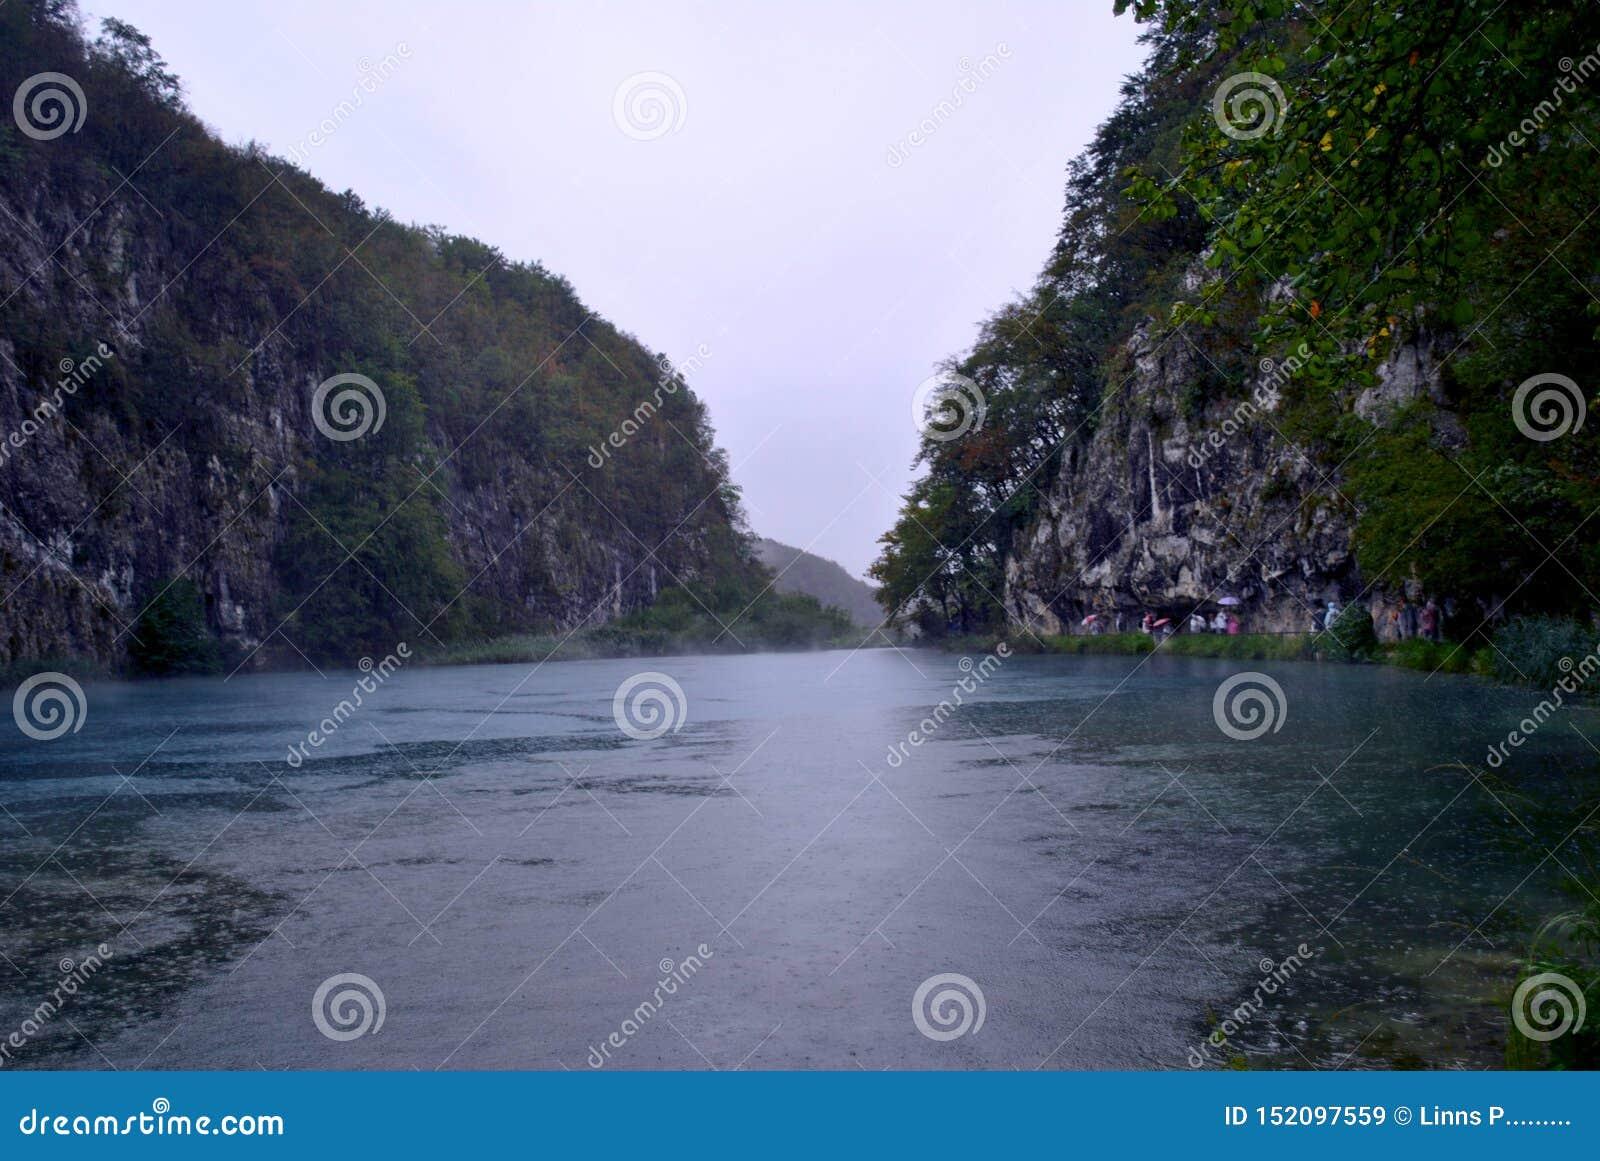 Μεγάλη λίμνη μεταξύ των βράχων